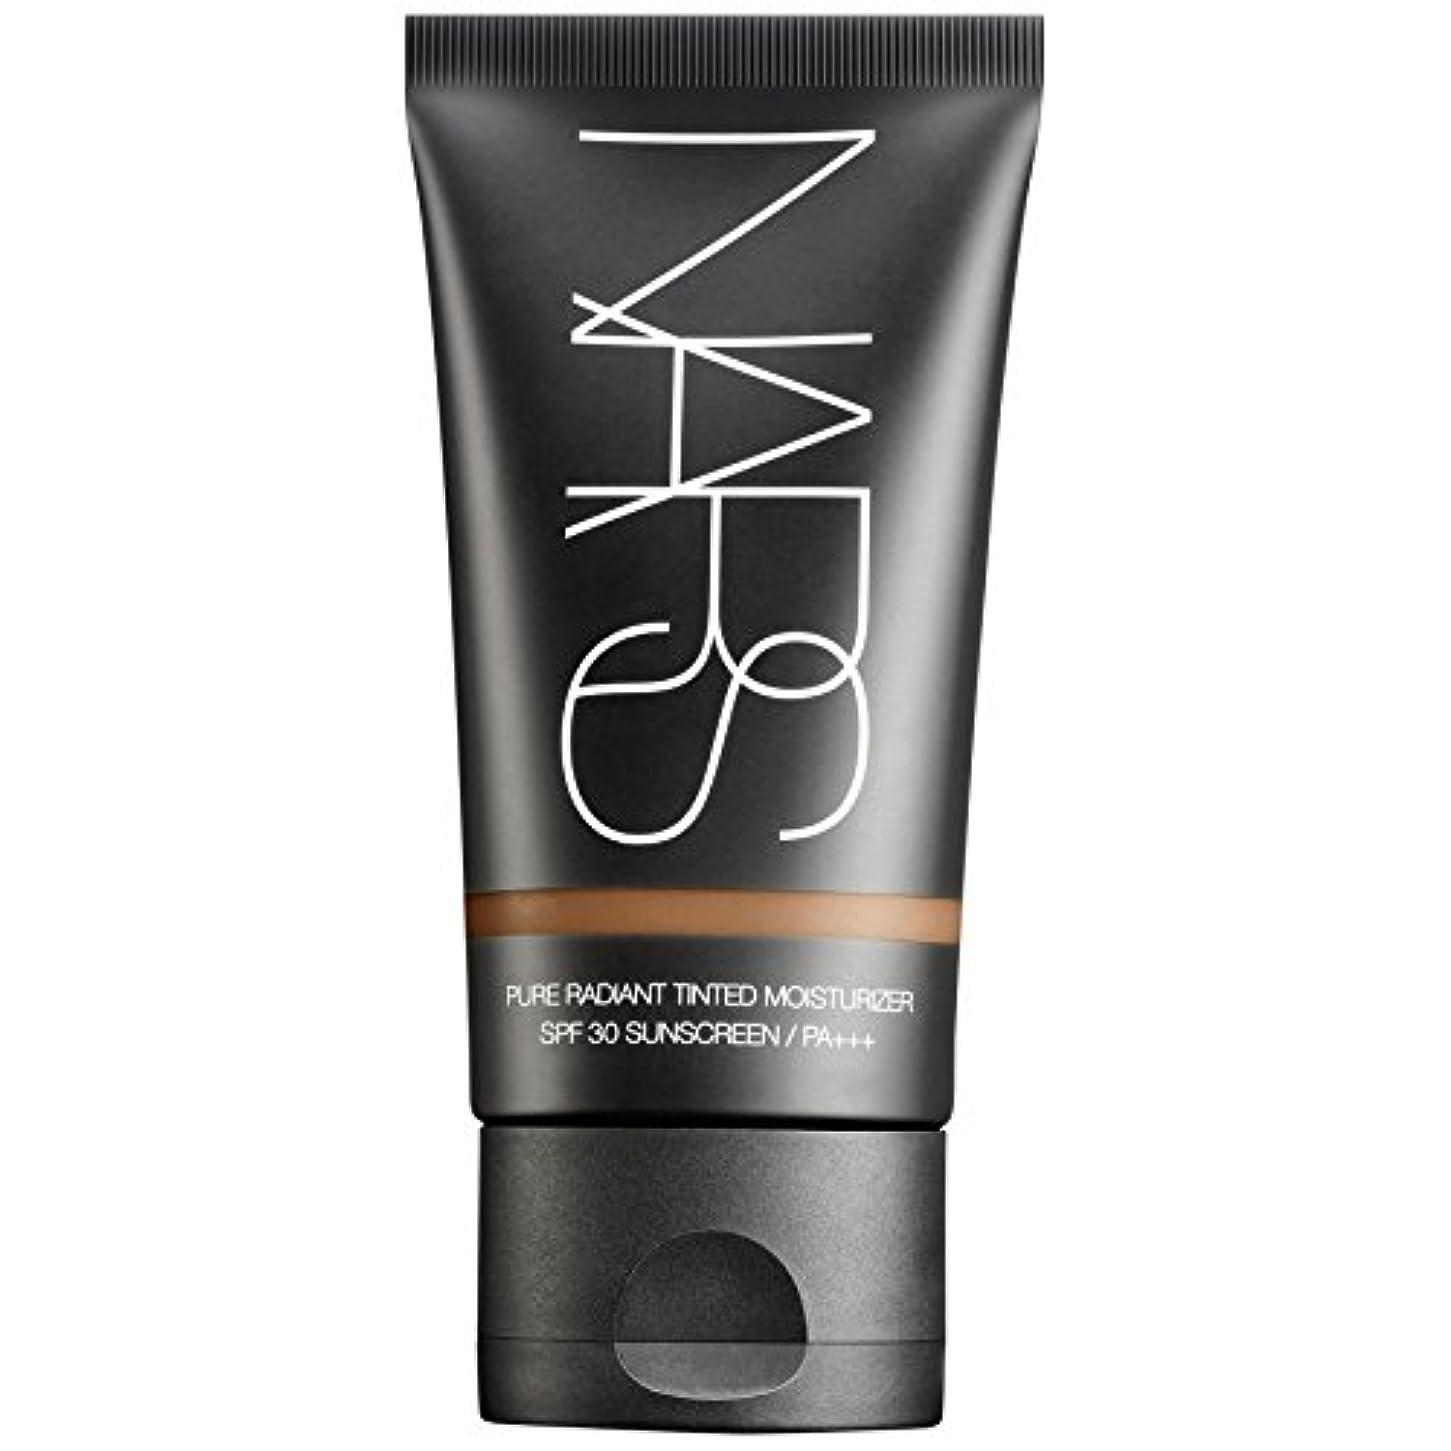 見える狂信者研磨剤[NARS] Narは、純粋な放射着色モイスチャライザーSpf 30 / Pa +++ポリネシア - Nars Pure Radiant Tinted Moisturizer Spf 30/Pa+++ Polynesia [並行輸入品]